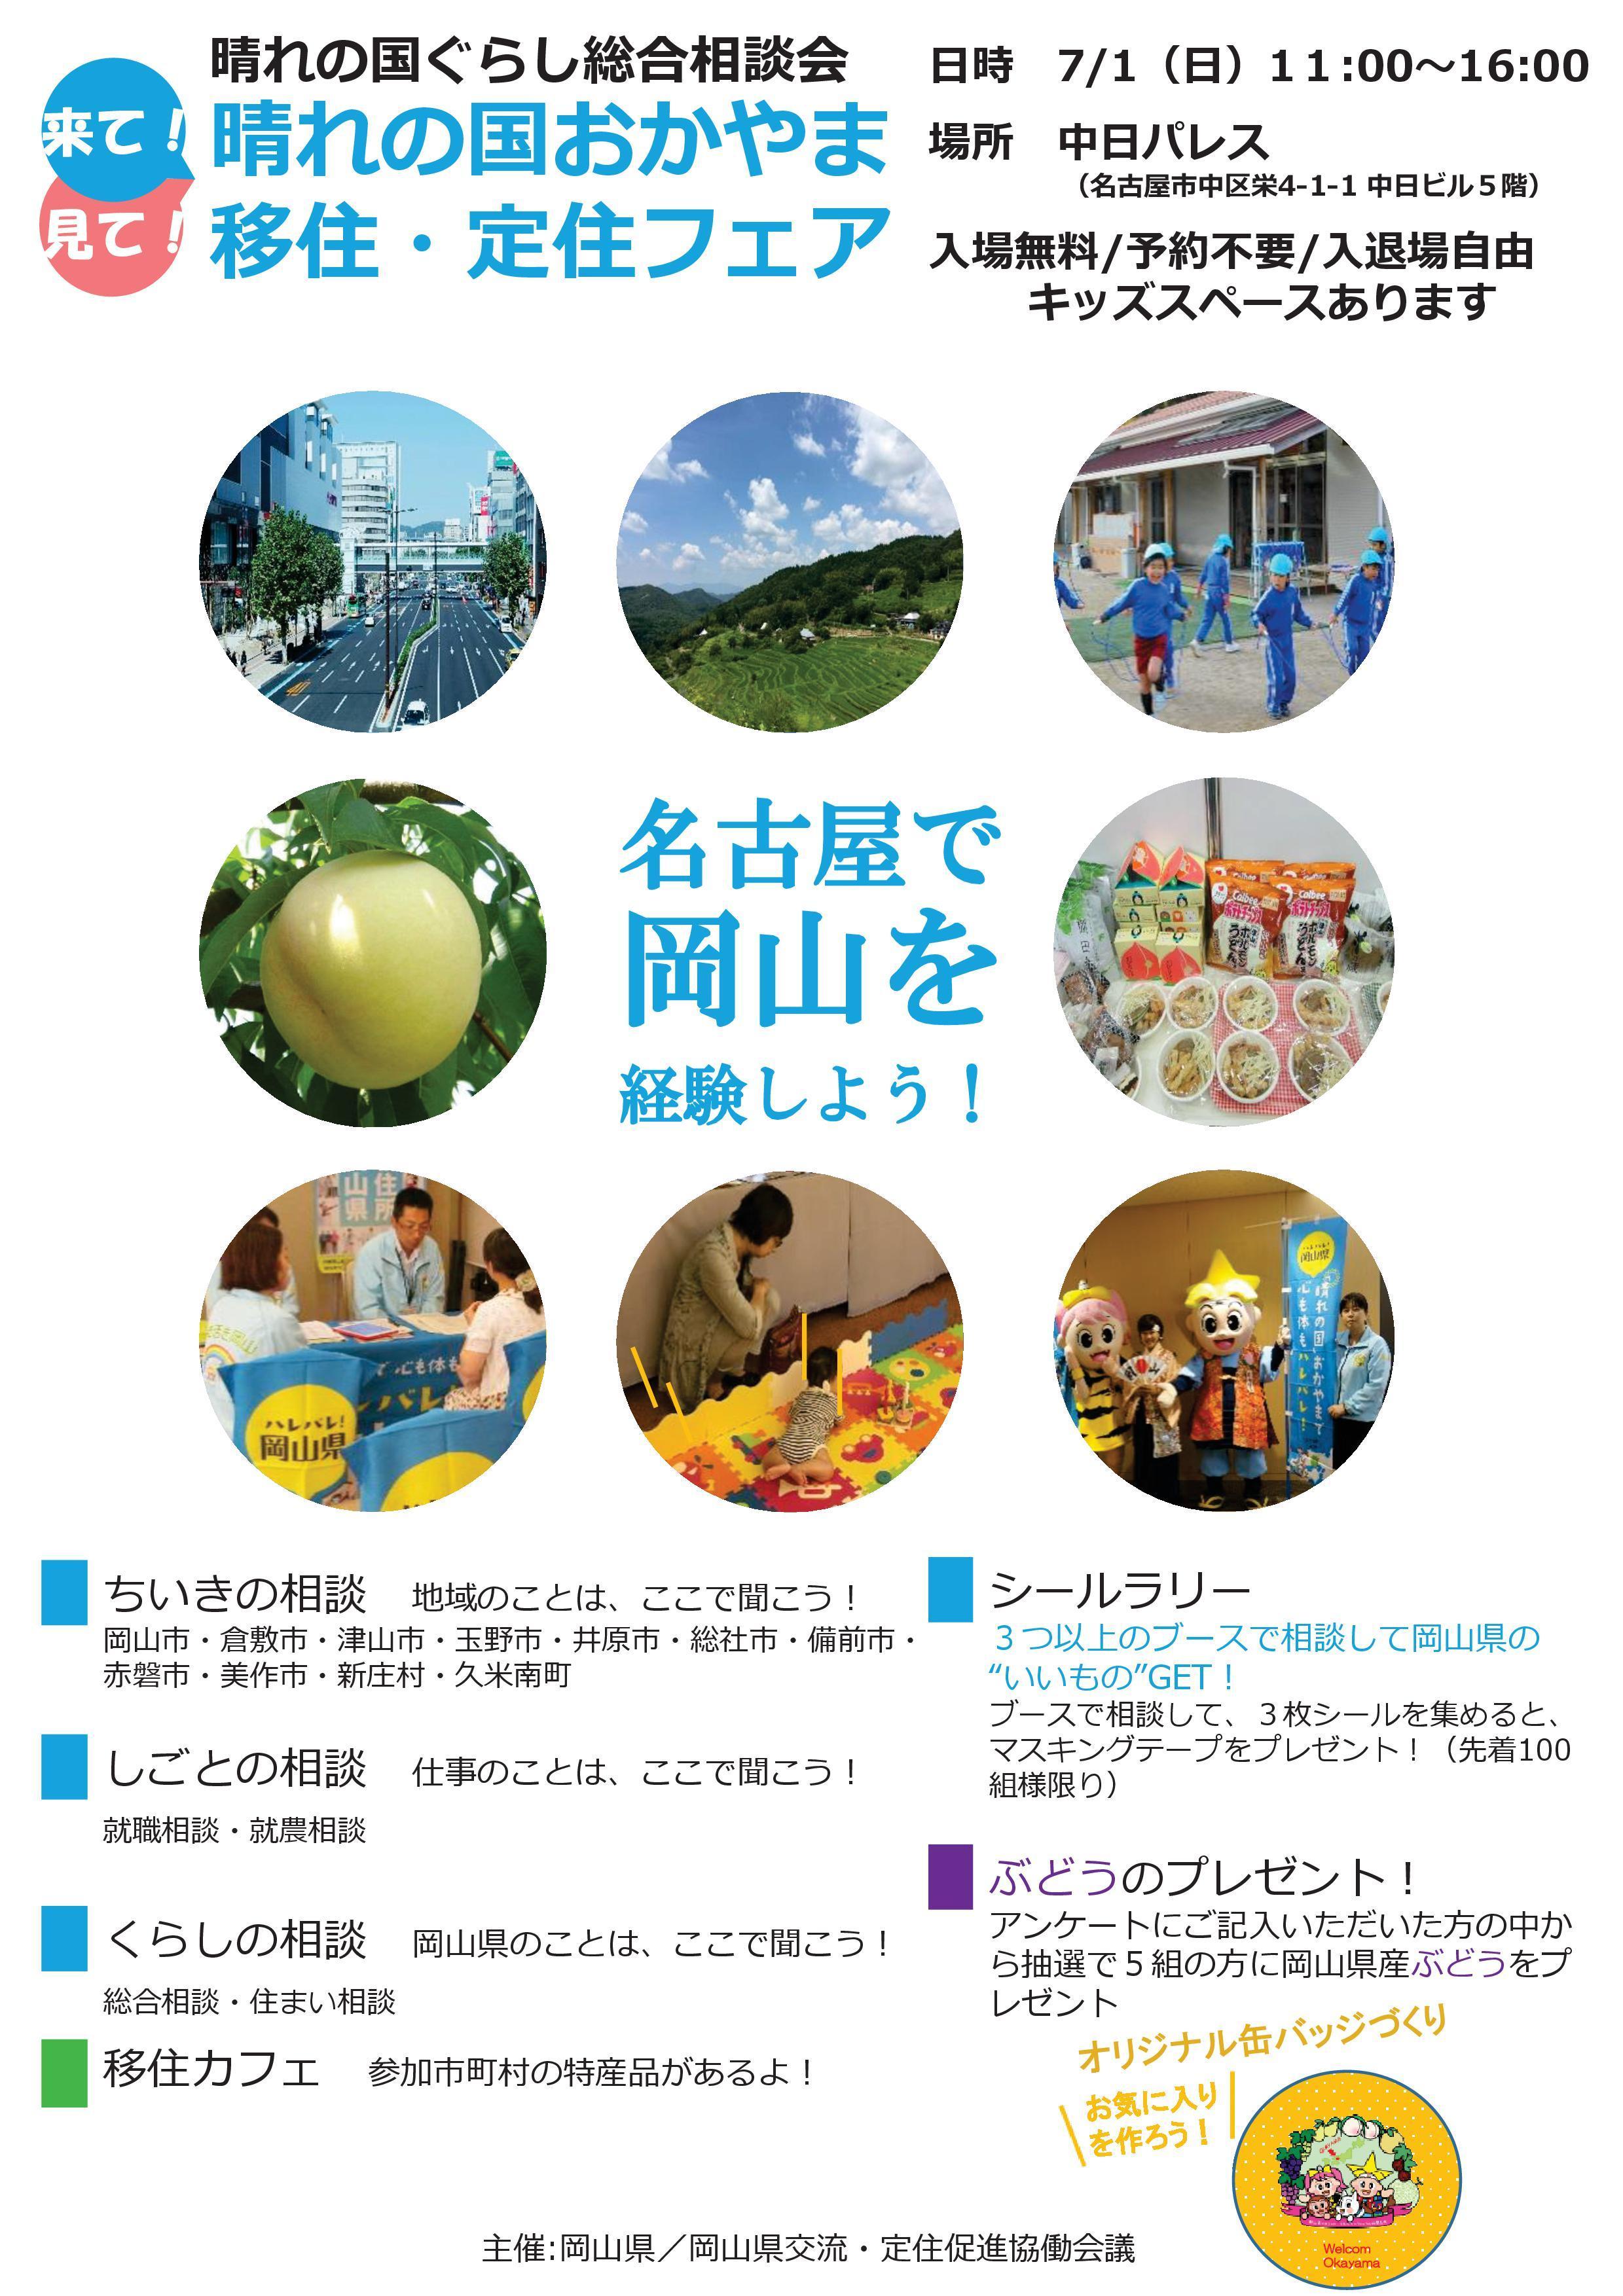 2018年7月1日(日)開催 来て!見て!晴れの国おかやま 移住・定住フェアに津山市も参加します